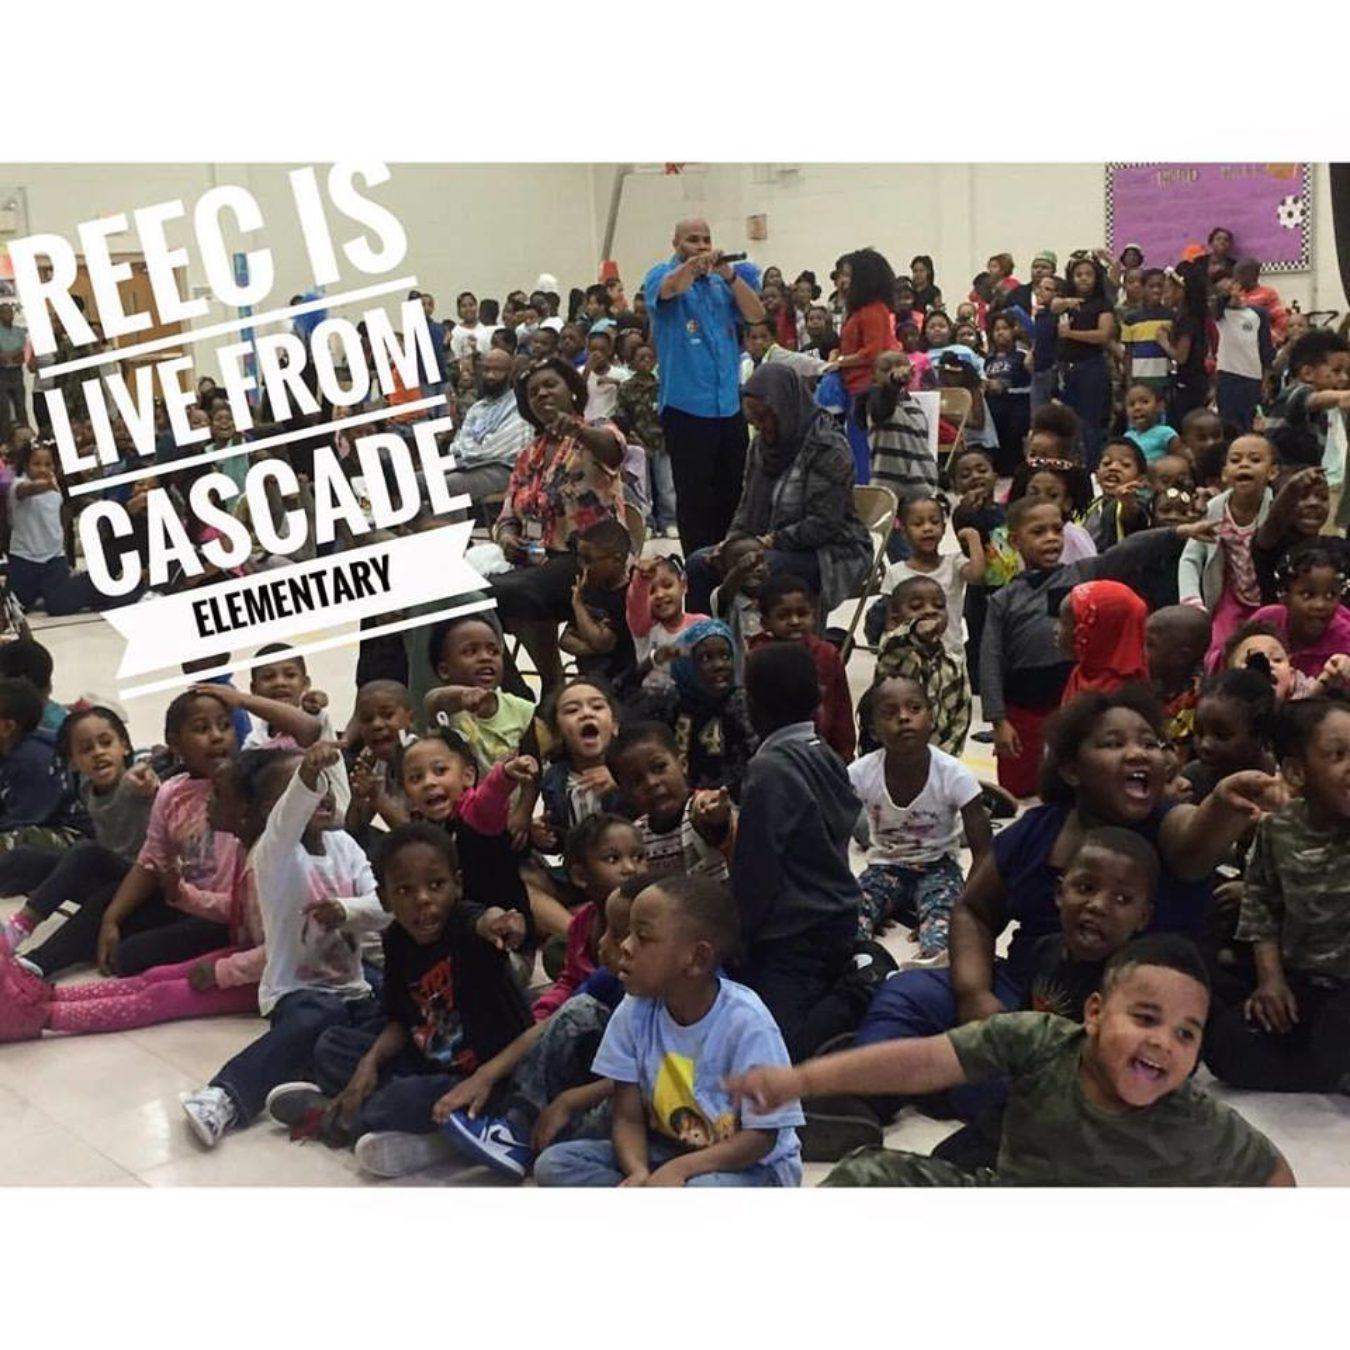 Reec host Cascade Elem. 11